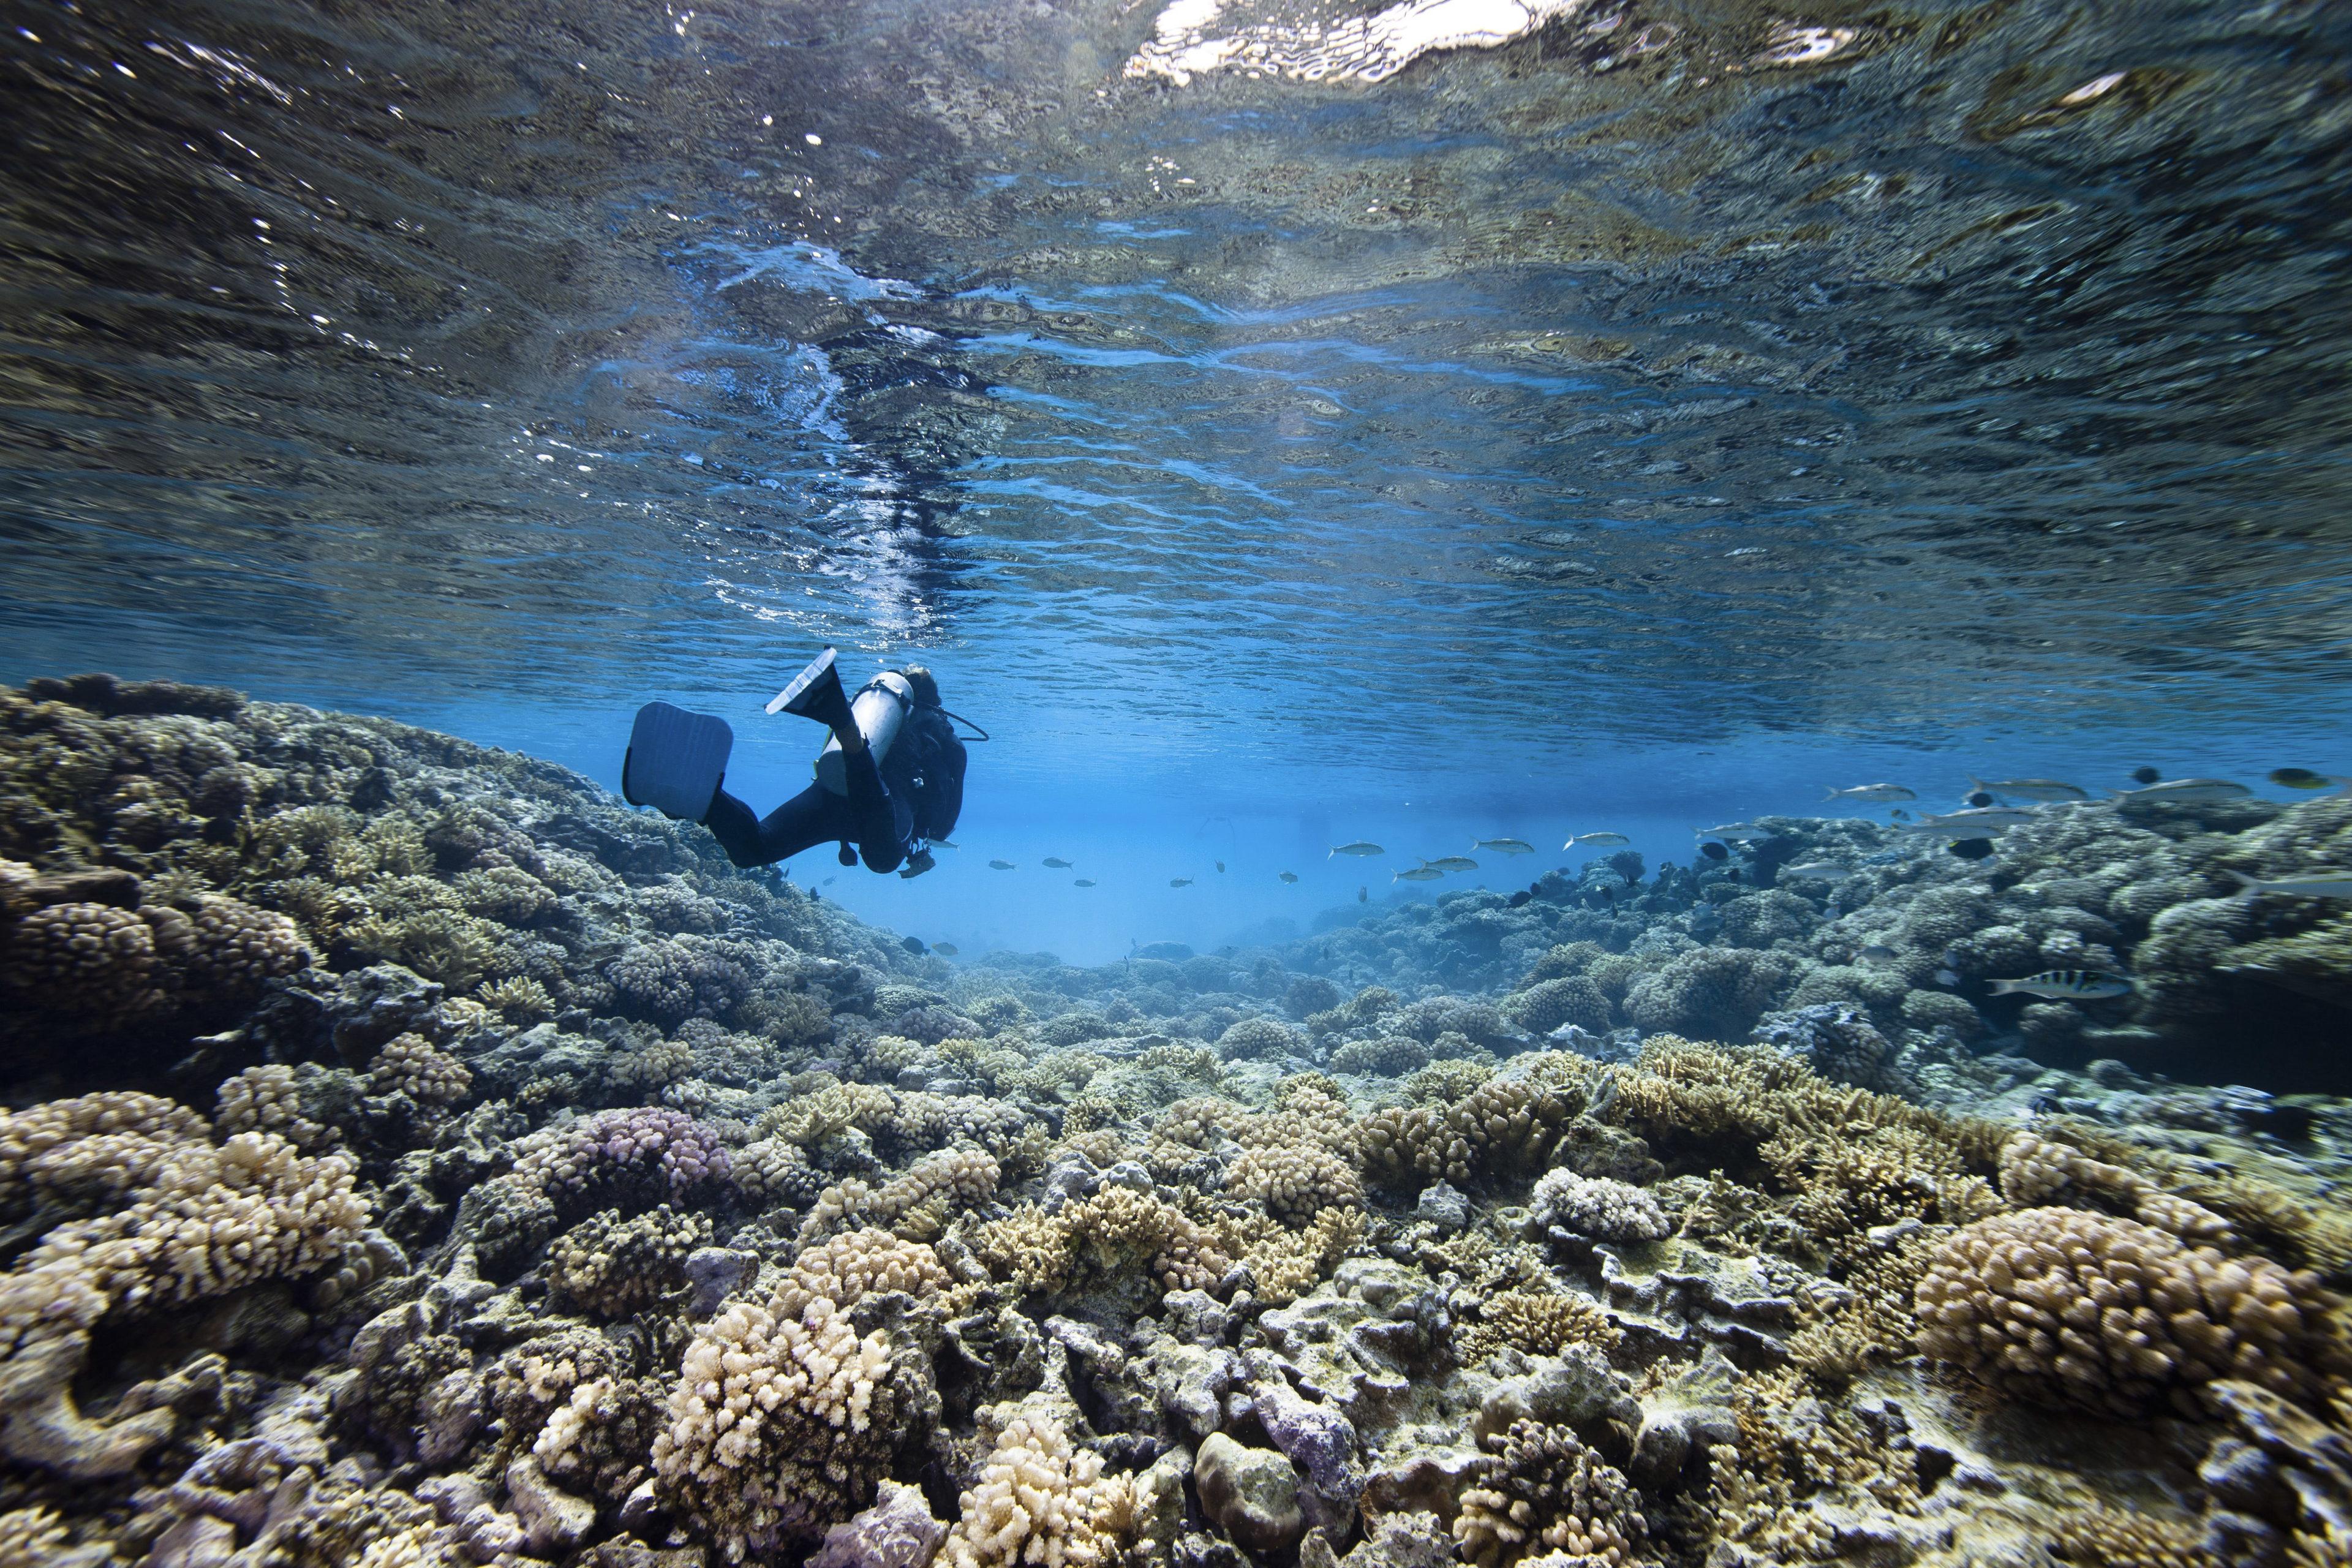 Taucher im korallenrief